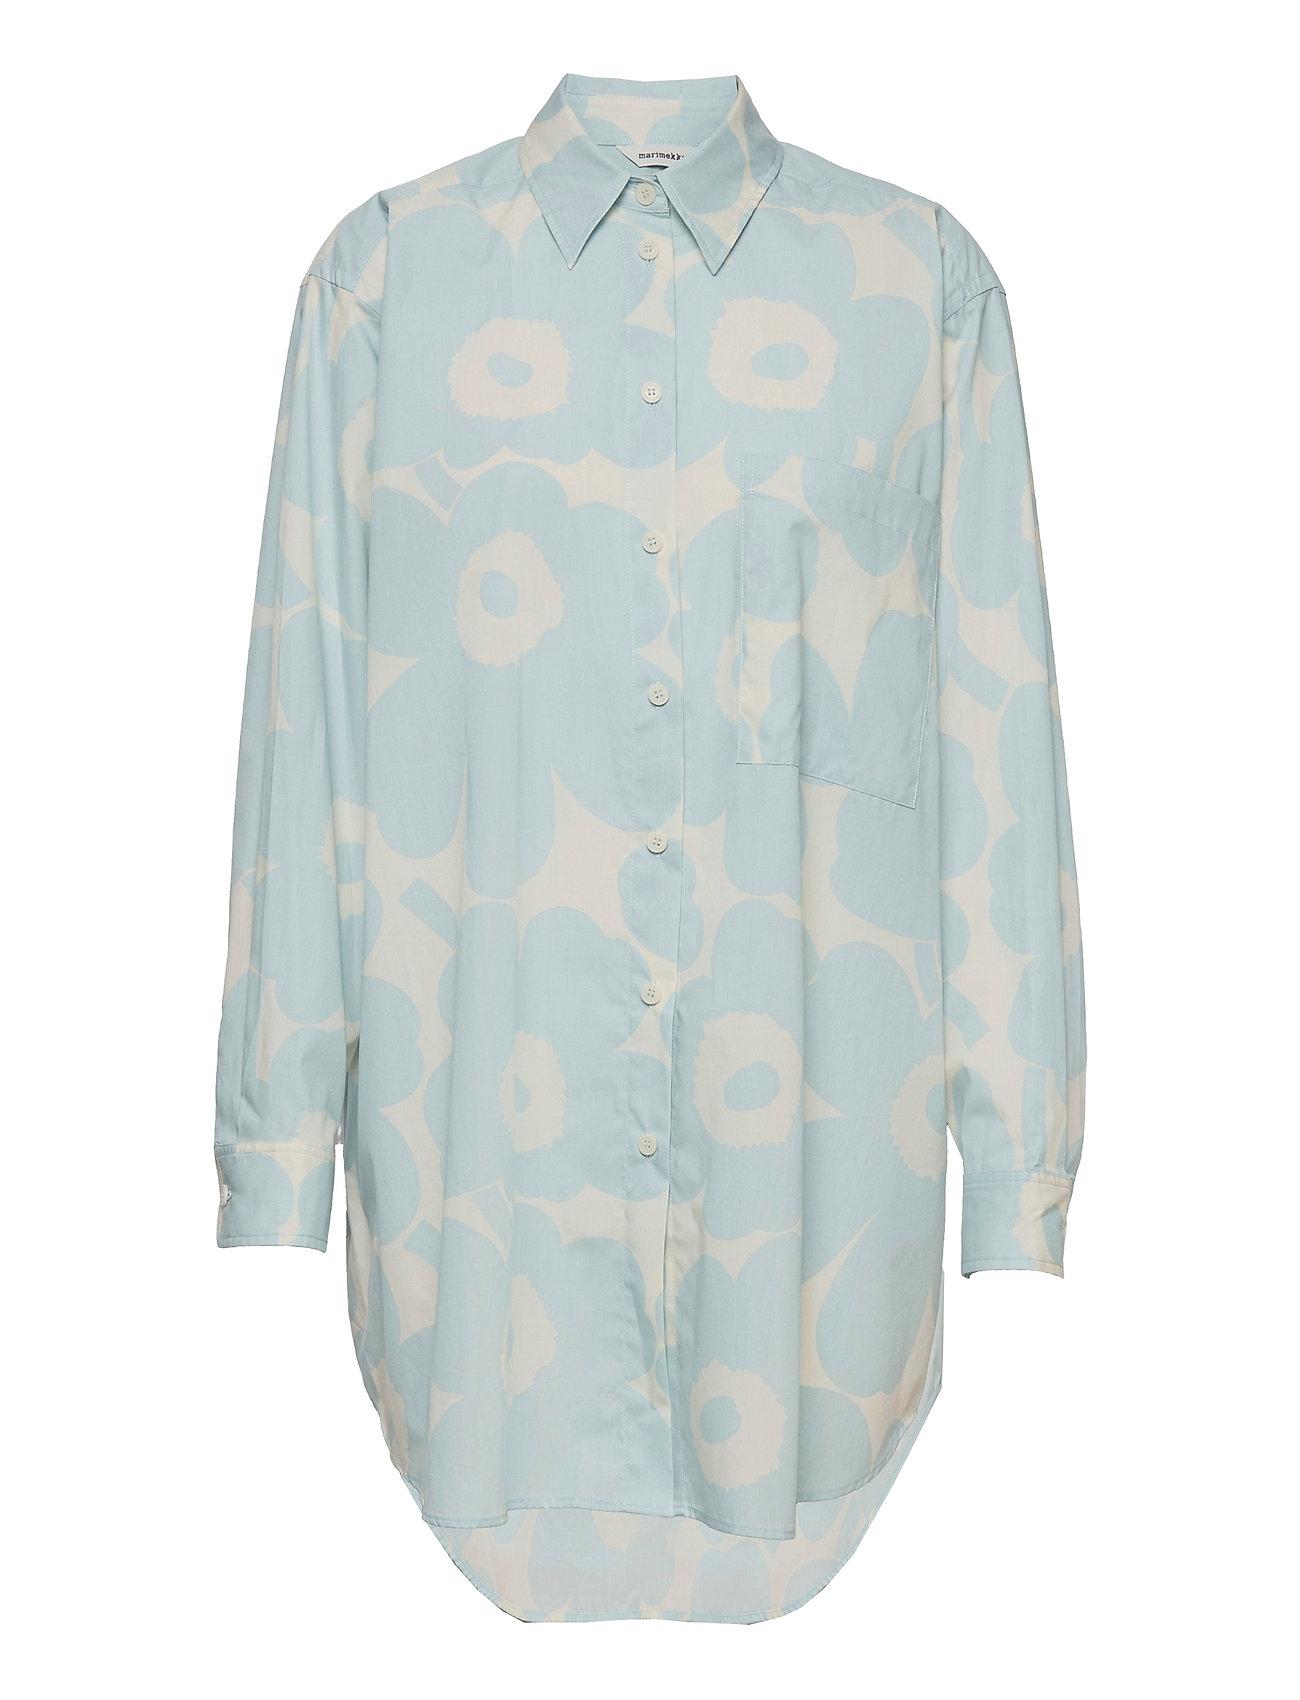 Norkko Pieni Unikko 2 Shirt Dresses Shirt Dresses Blå Marimekko